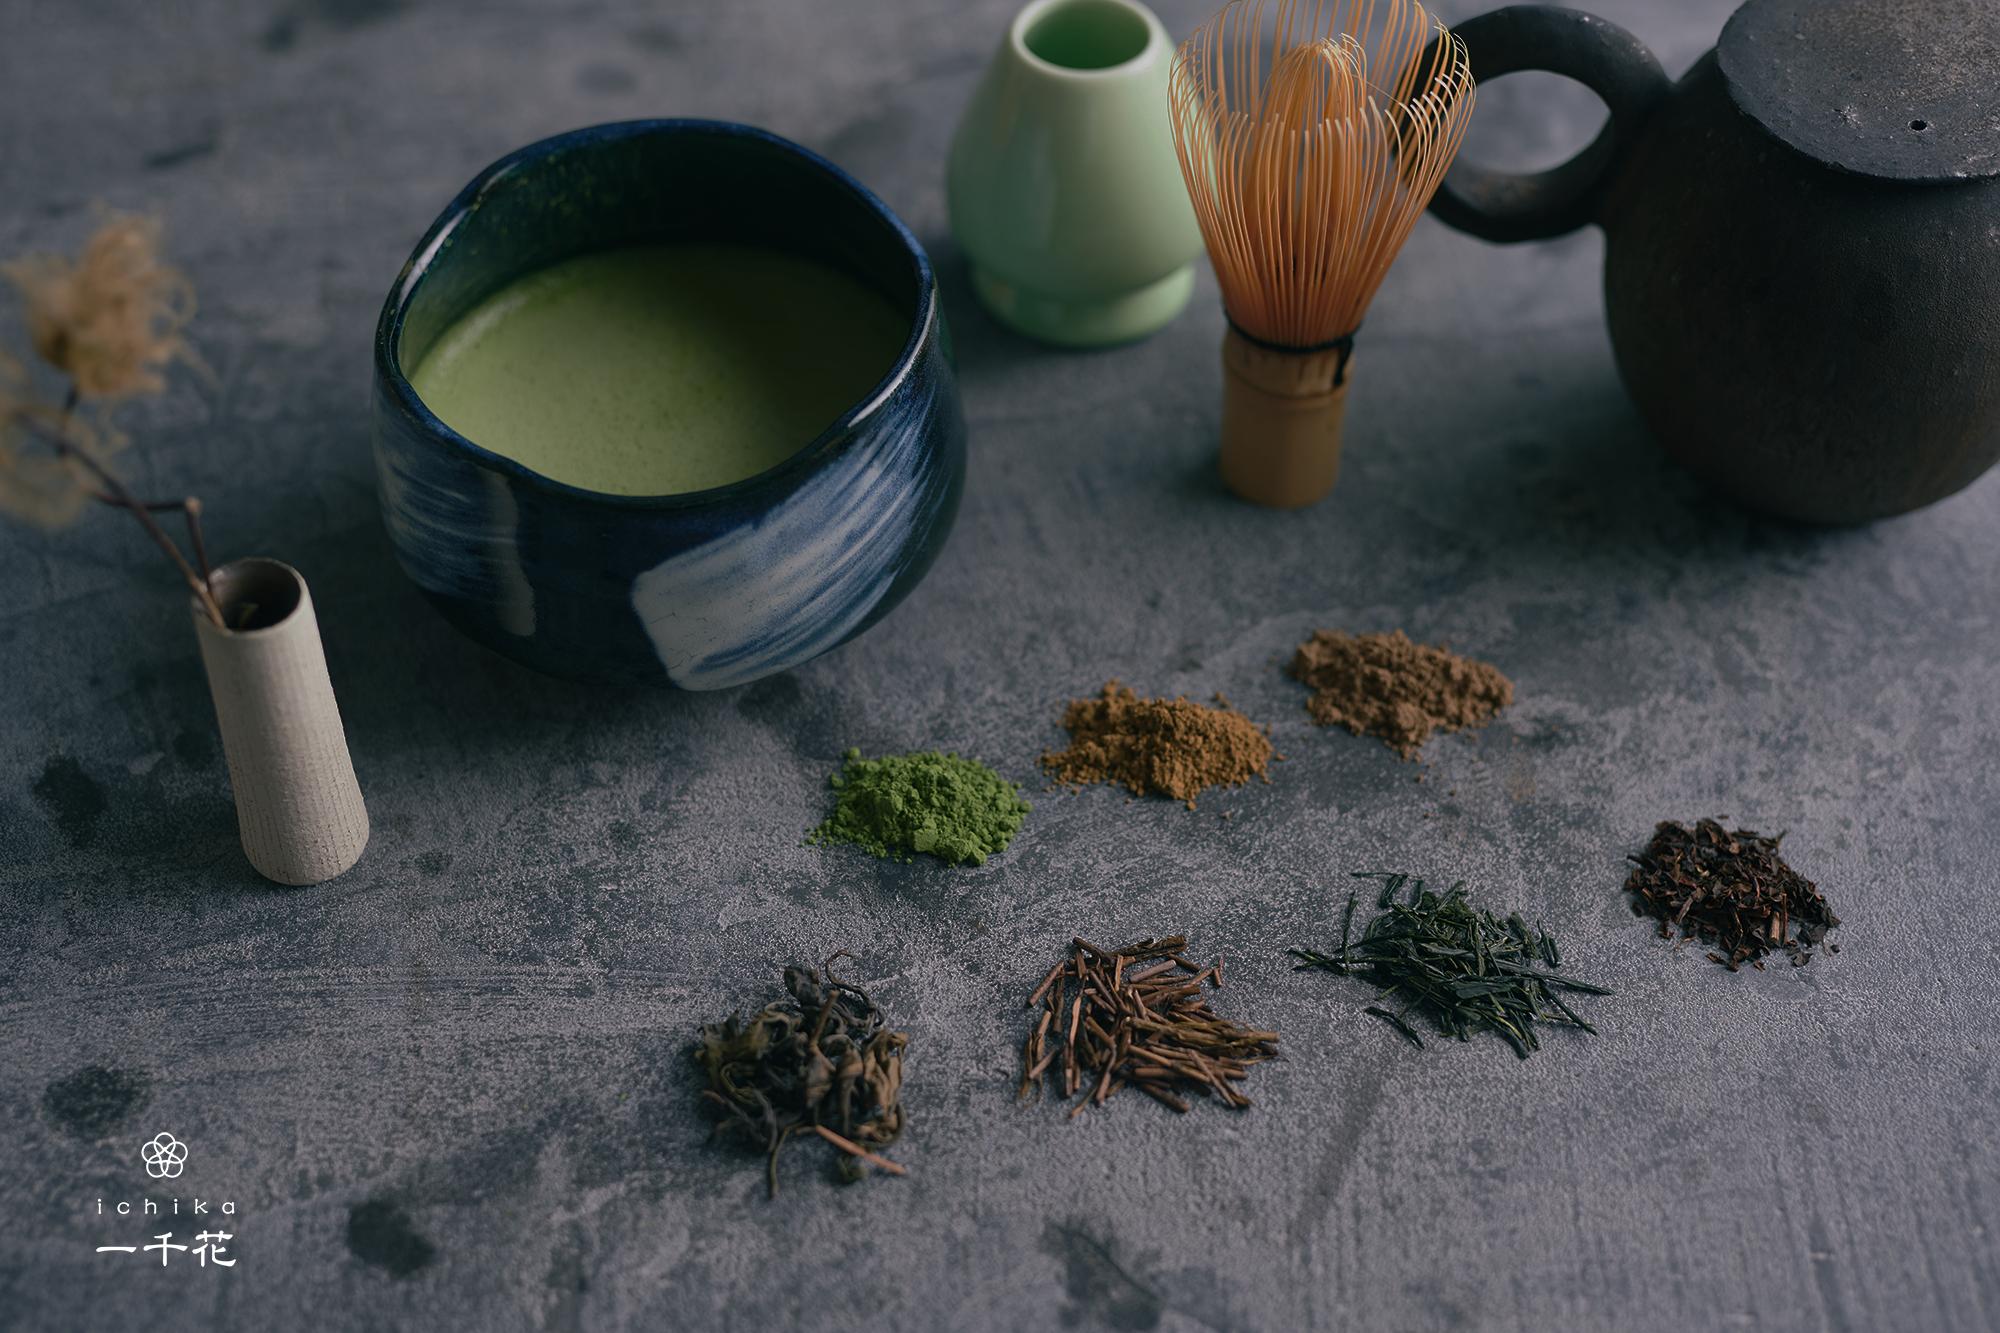 本格的な日本茶をカジュアルに楽しむ。原宿で人気の日本茶専門店「一千花(いちか)」が名古屋栄に登場! - ichika photo 1